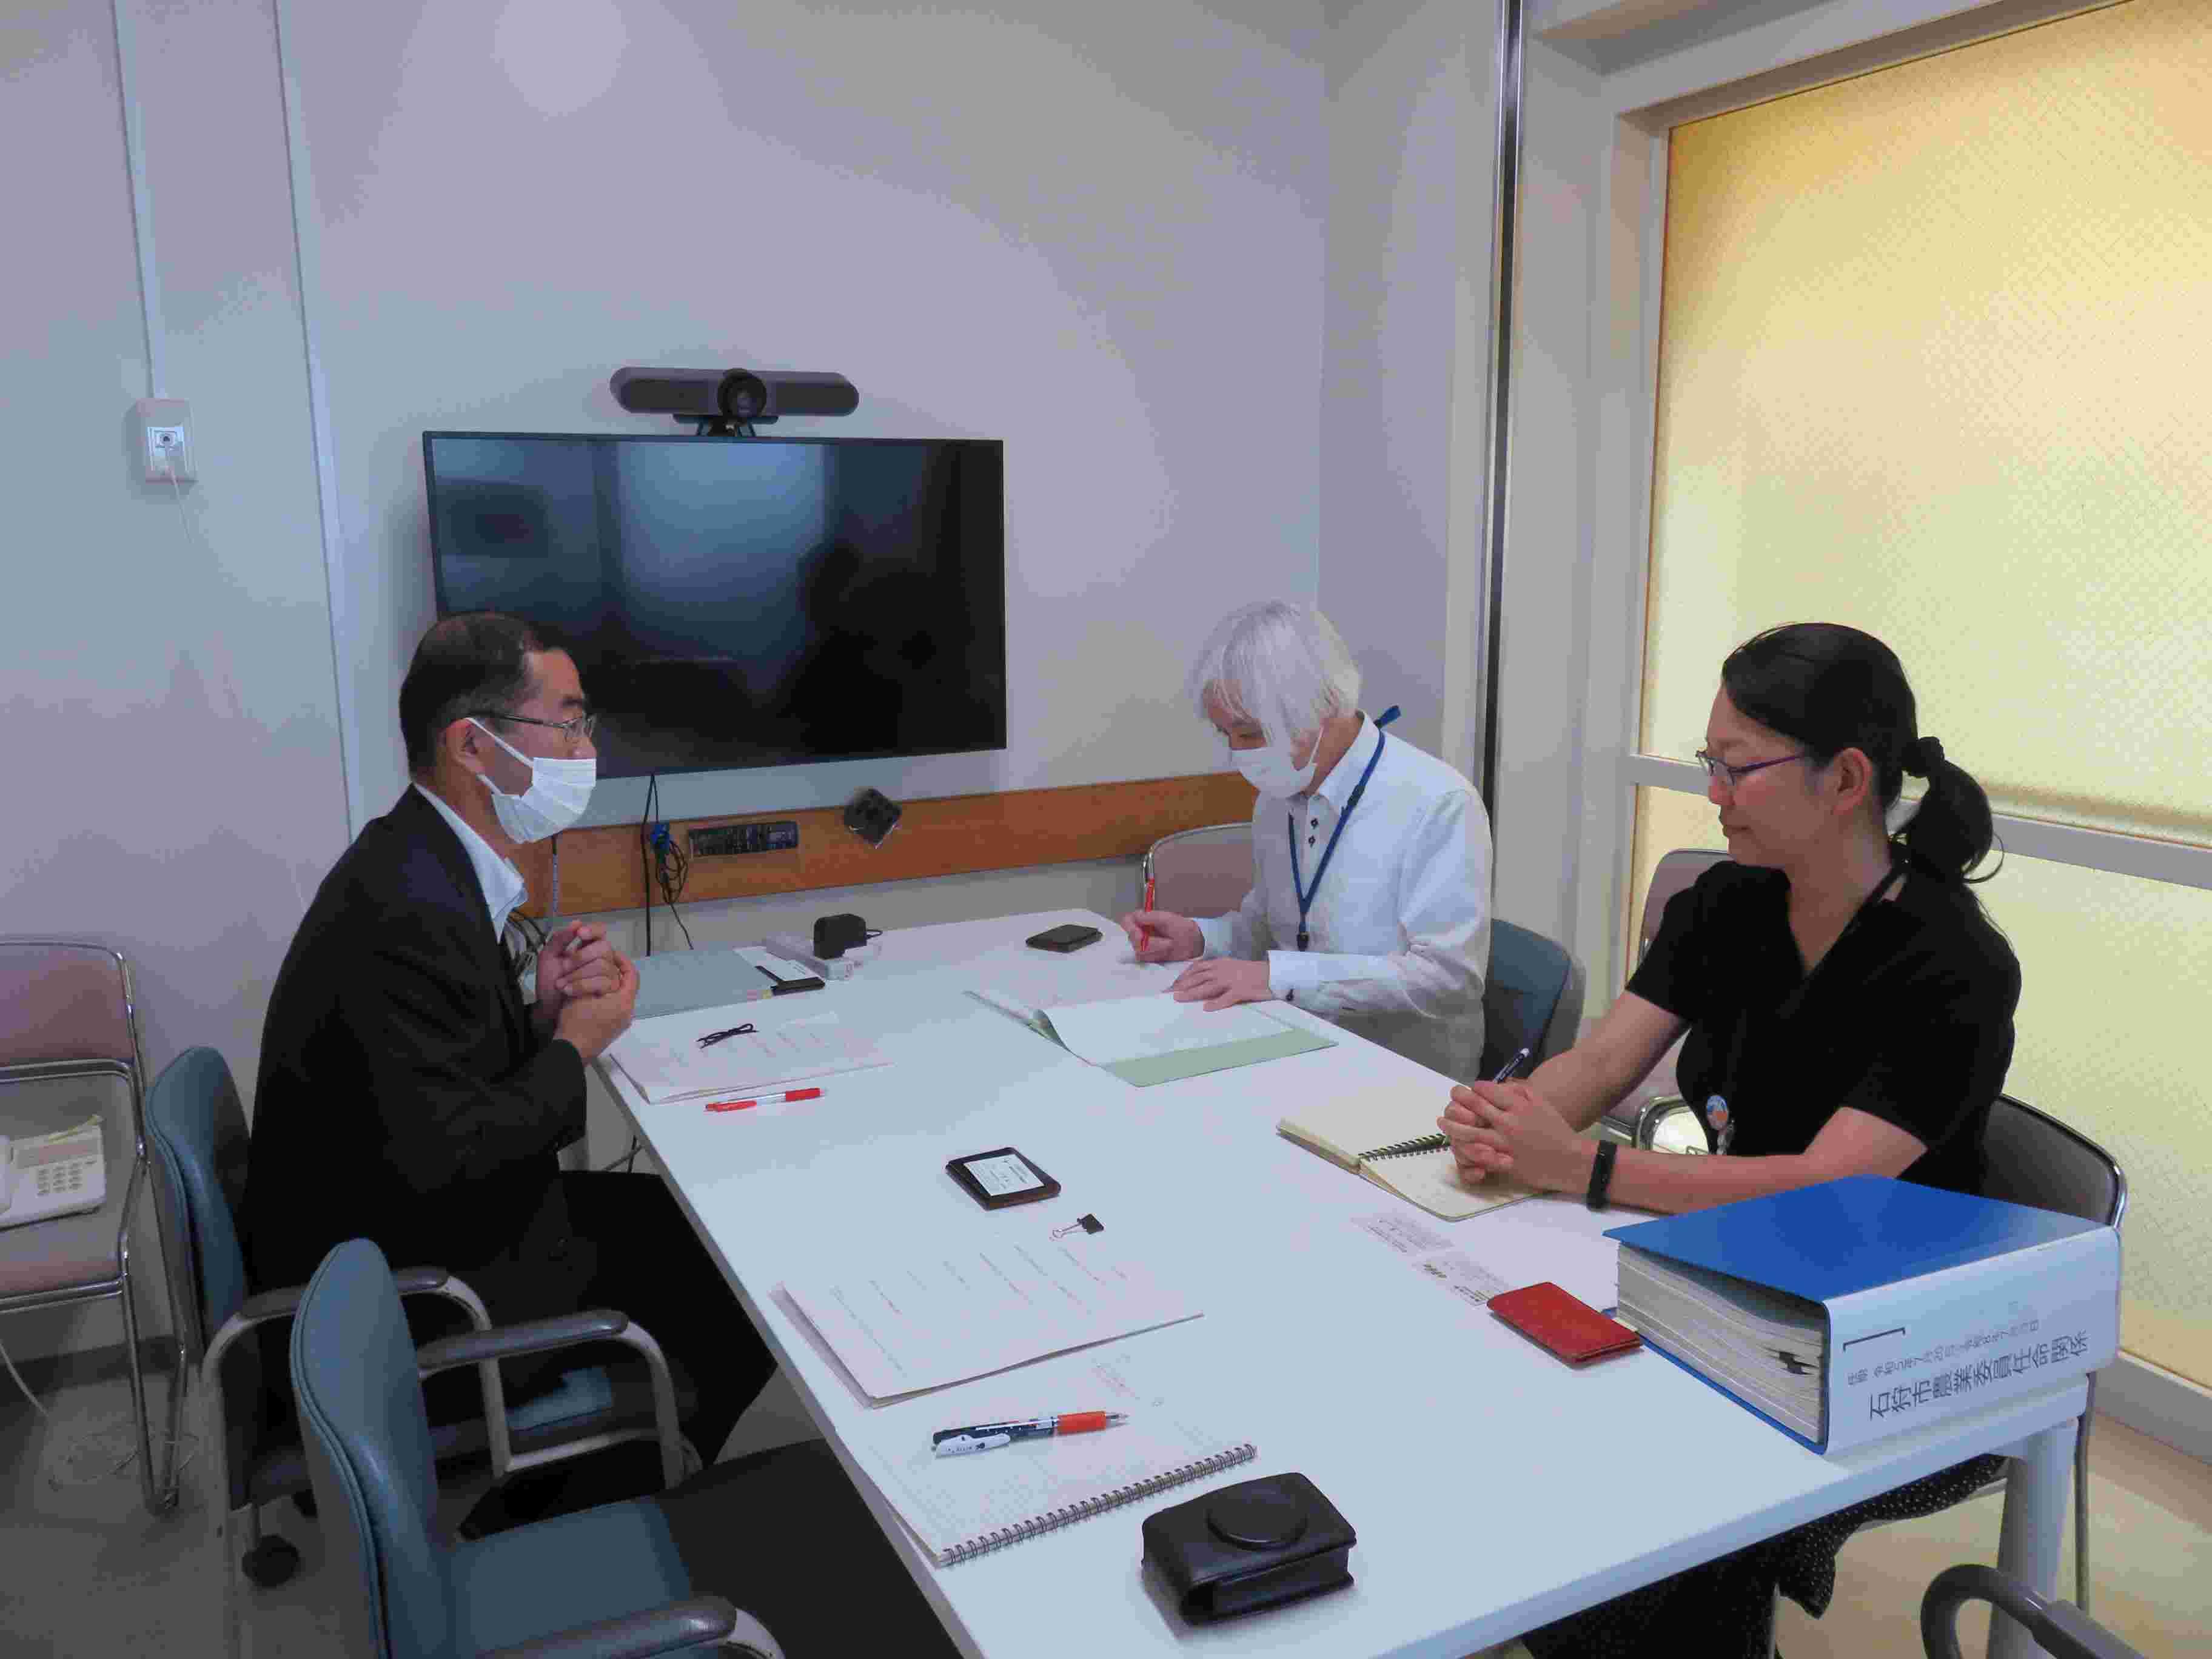 シーベリーの果実が枝にびっしりなっている様子